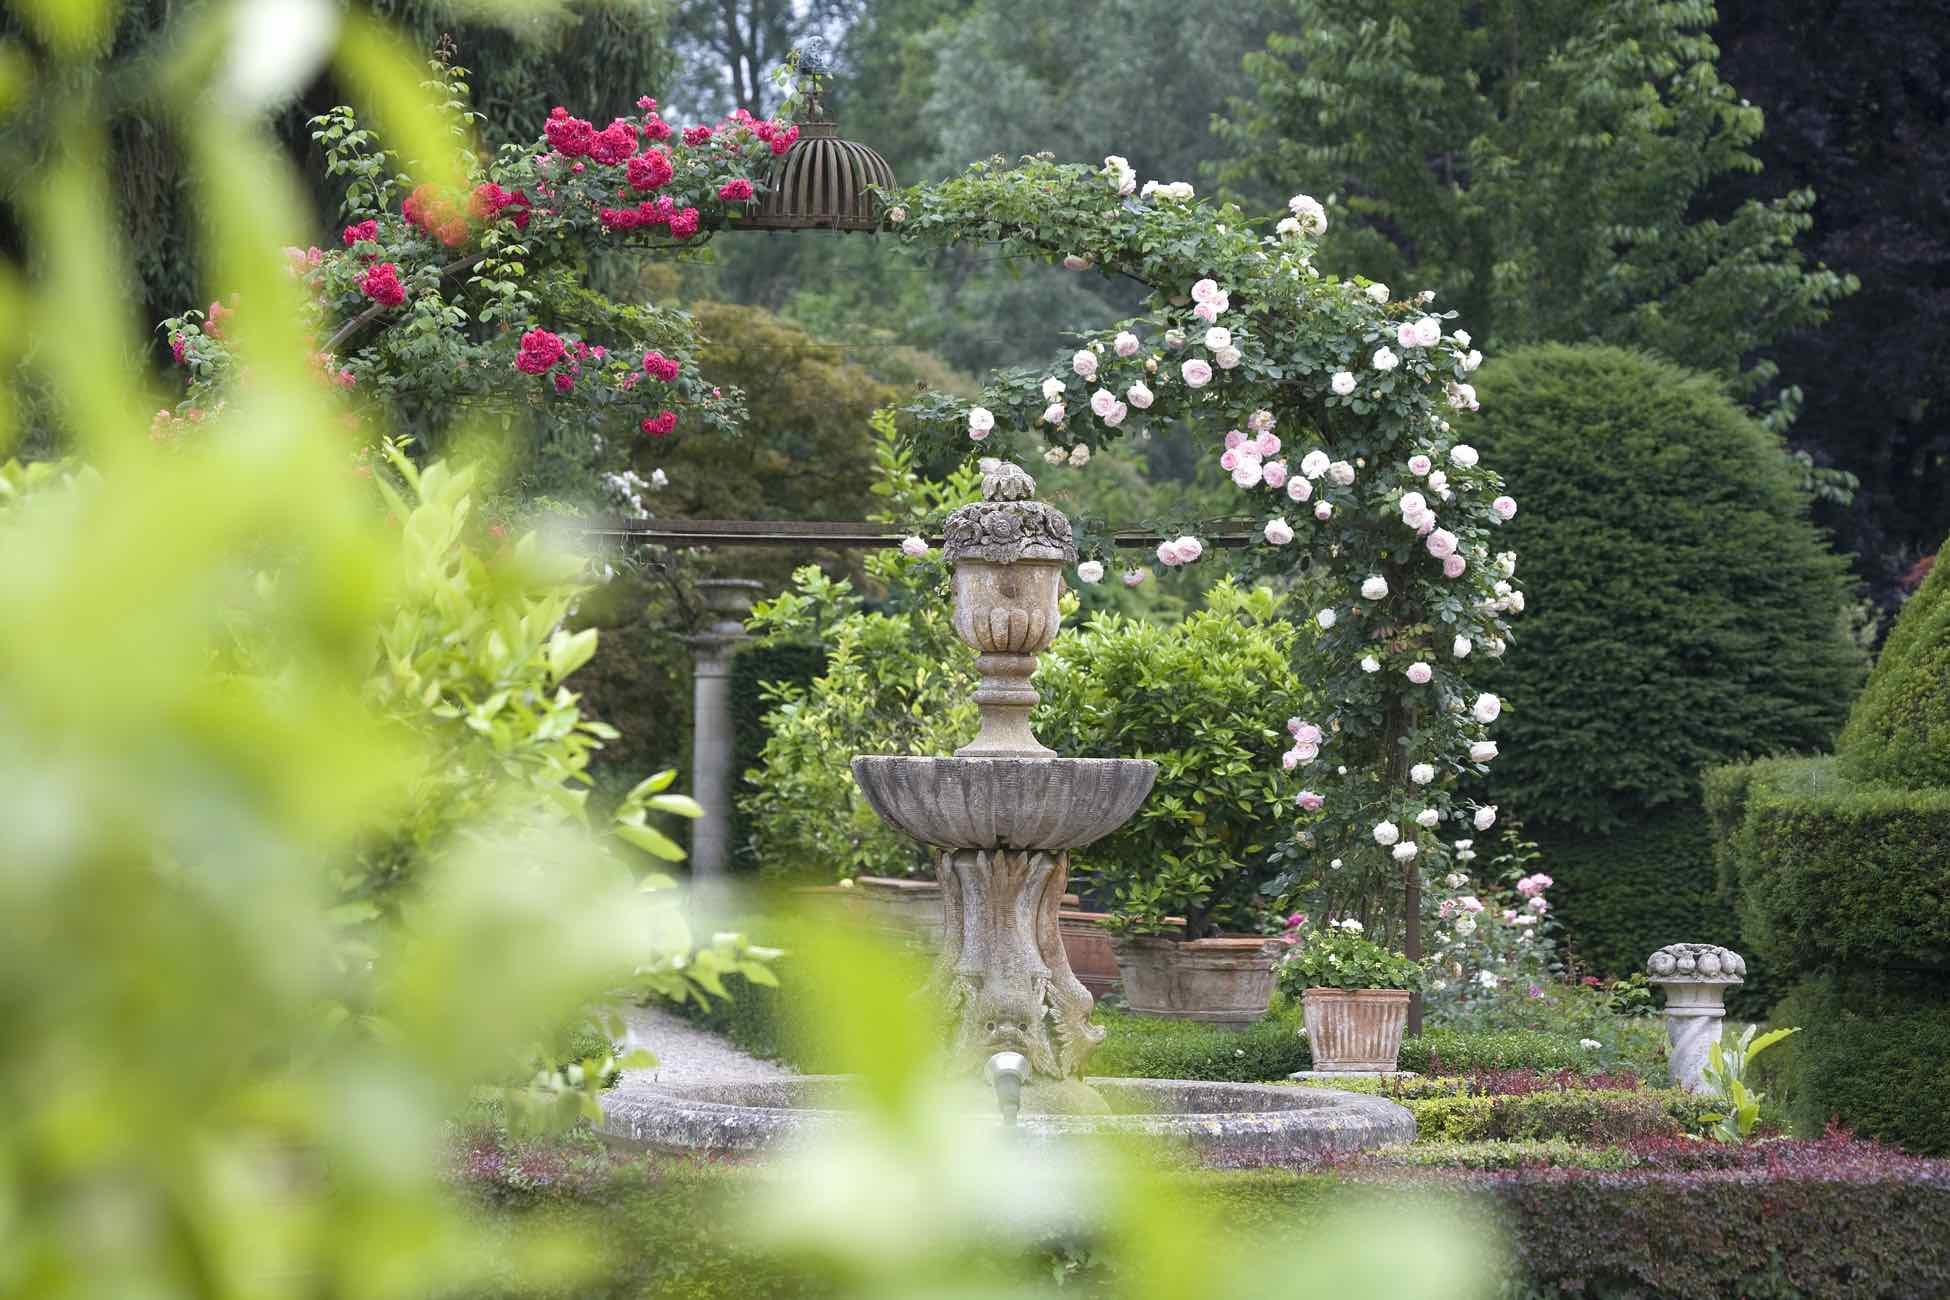 A világ tizenhárom legszebb kertje - Kertépítés - Kertépítés + Kerttervezés